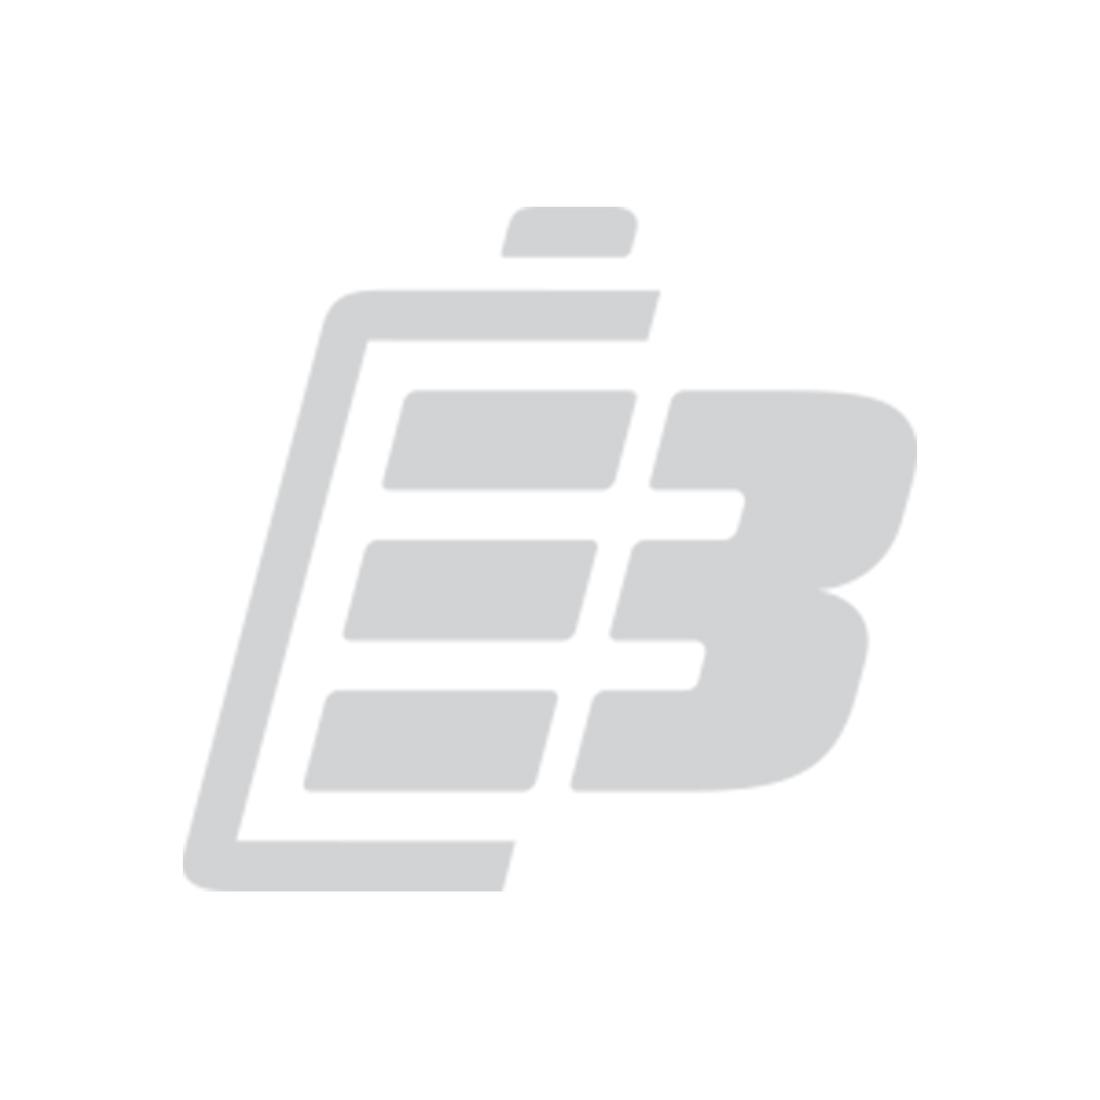 Wireless Headset Battery Sennheiser A200 60mah